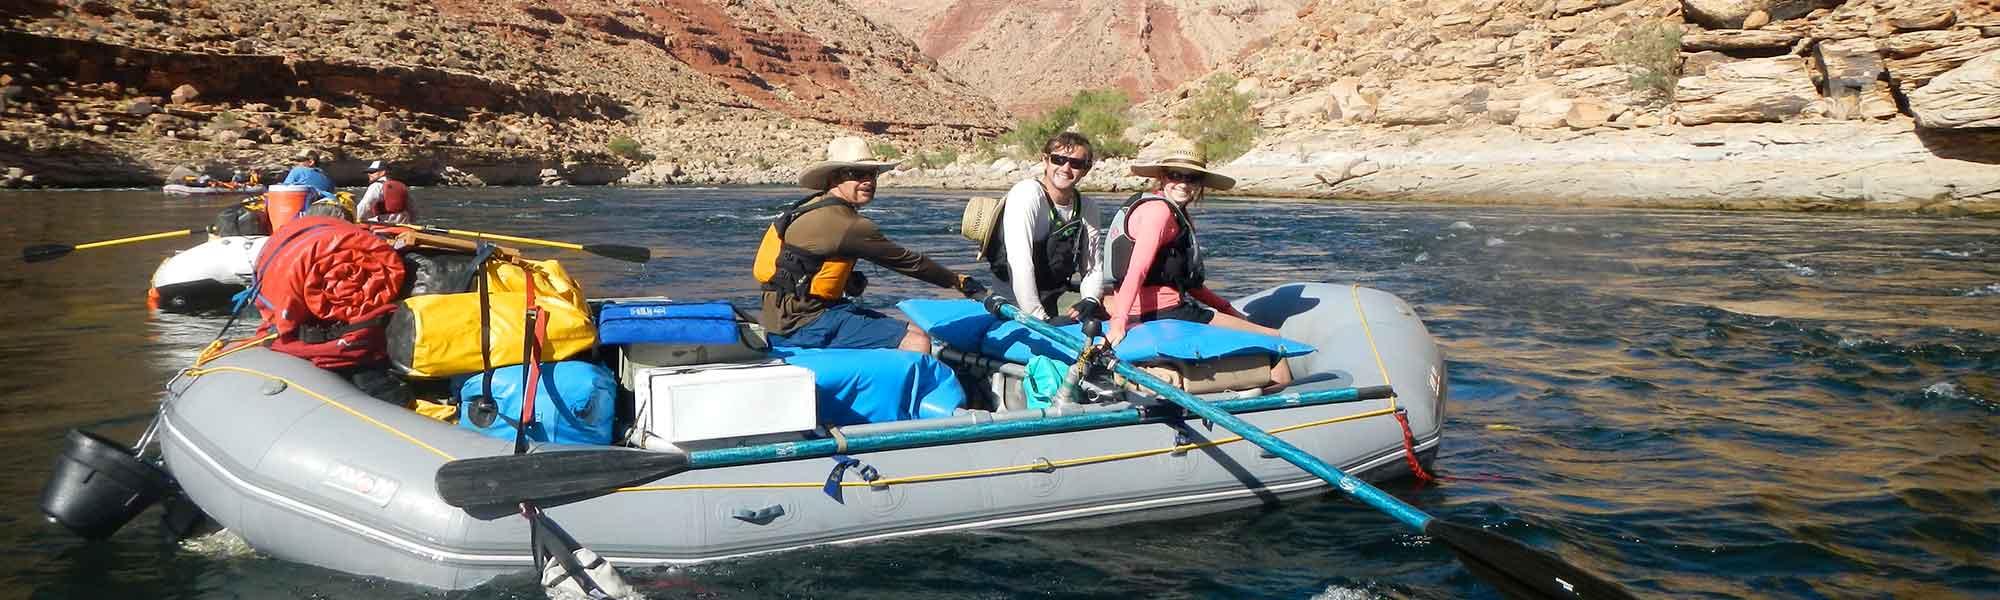 Water Equipment | Outdoor Adventure Center | Utah Valley University